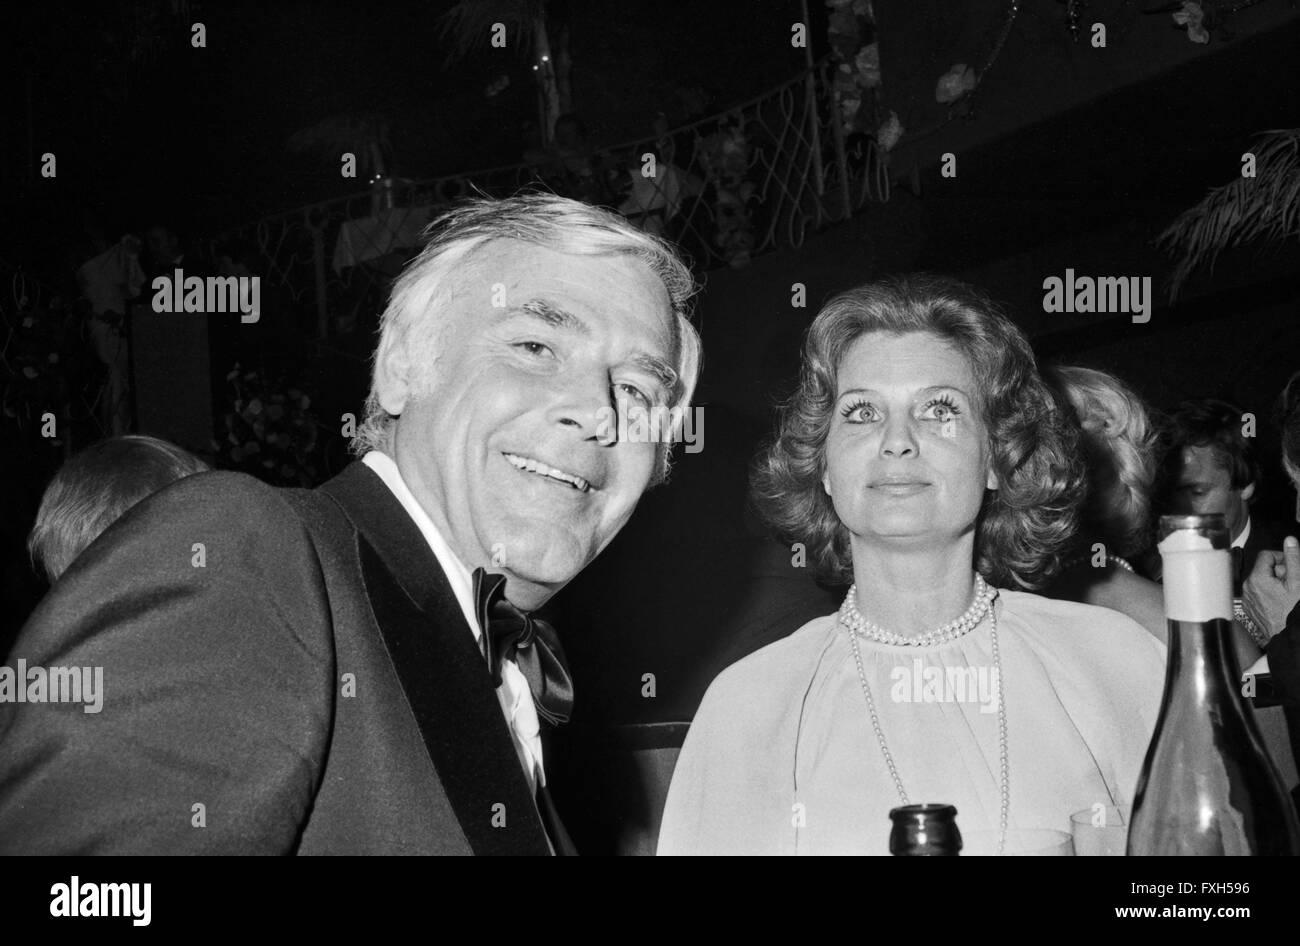 Schauspieler Und Moderator Joachim Fuchsberger Mit Ehefrau Gundel Beim SPIO Filmball in München 1976, 1970er Stockbild